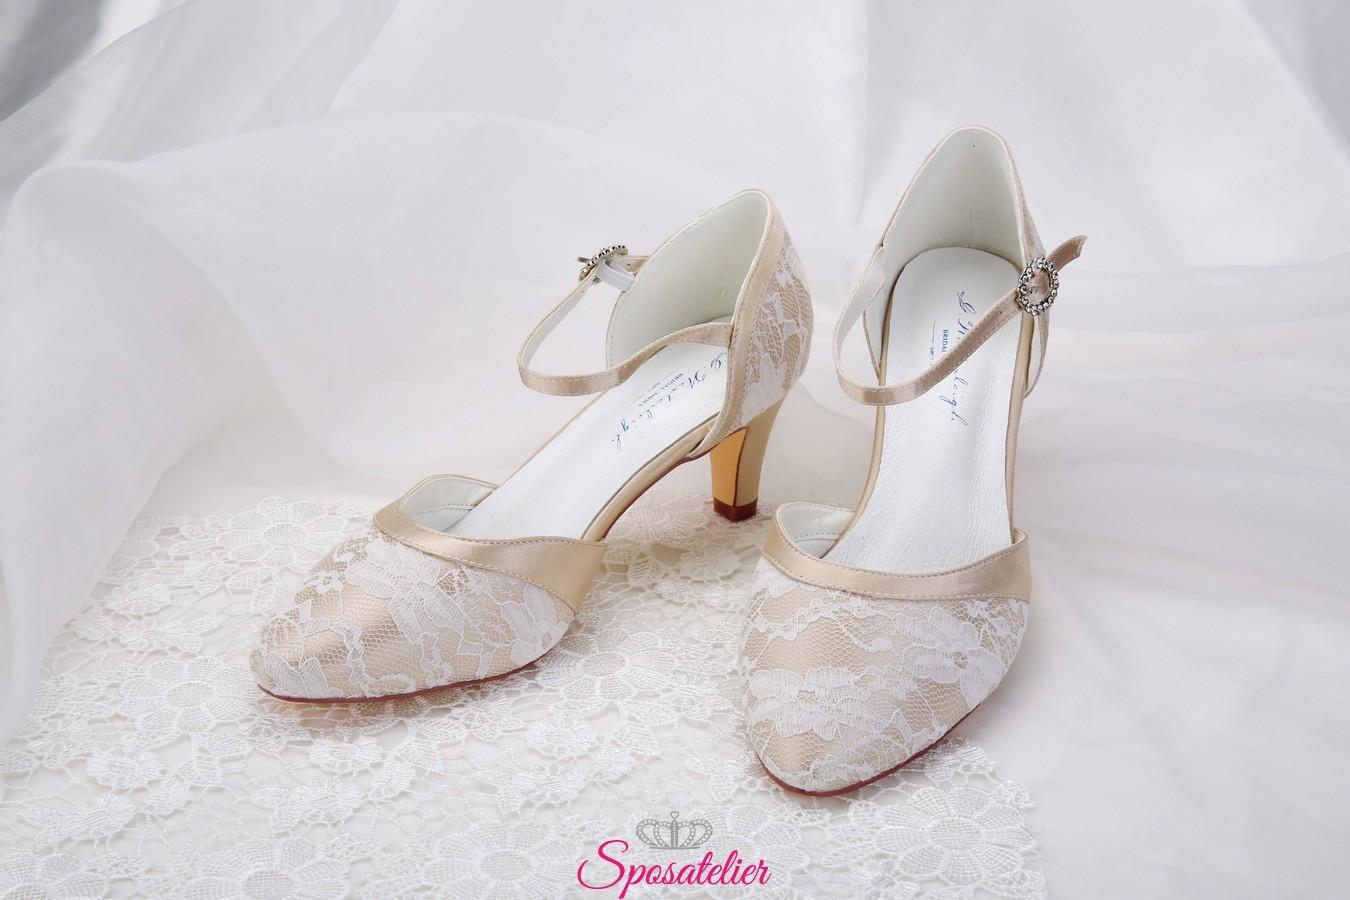 Scarpe Sposa Eleganti.Scarpe Da Sposa Color Nude Eleganti Con Ricami Di Pizzo Collezione